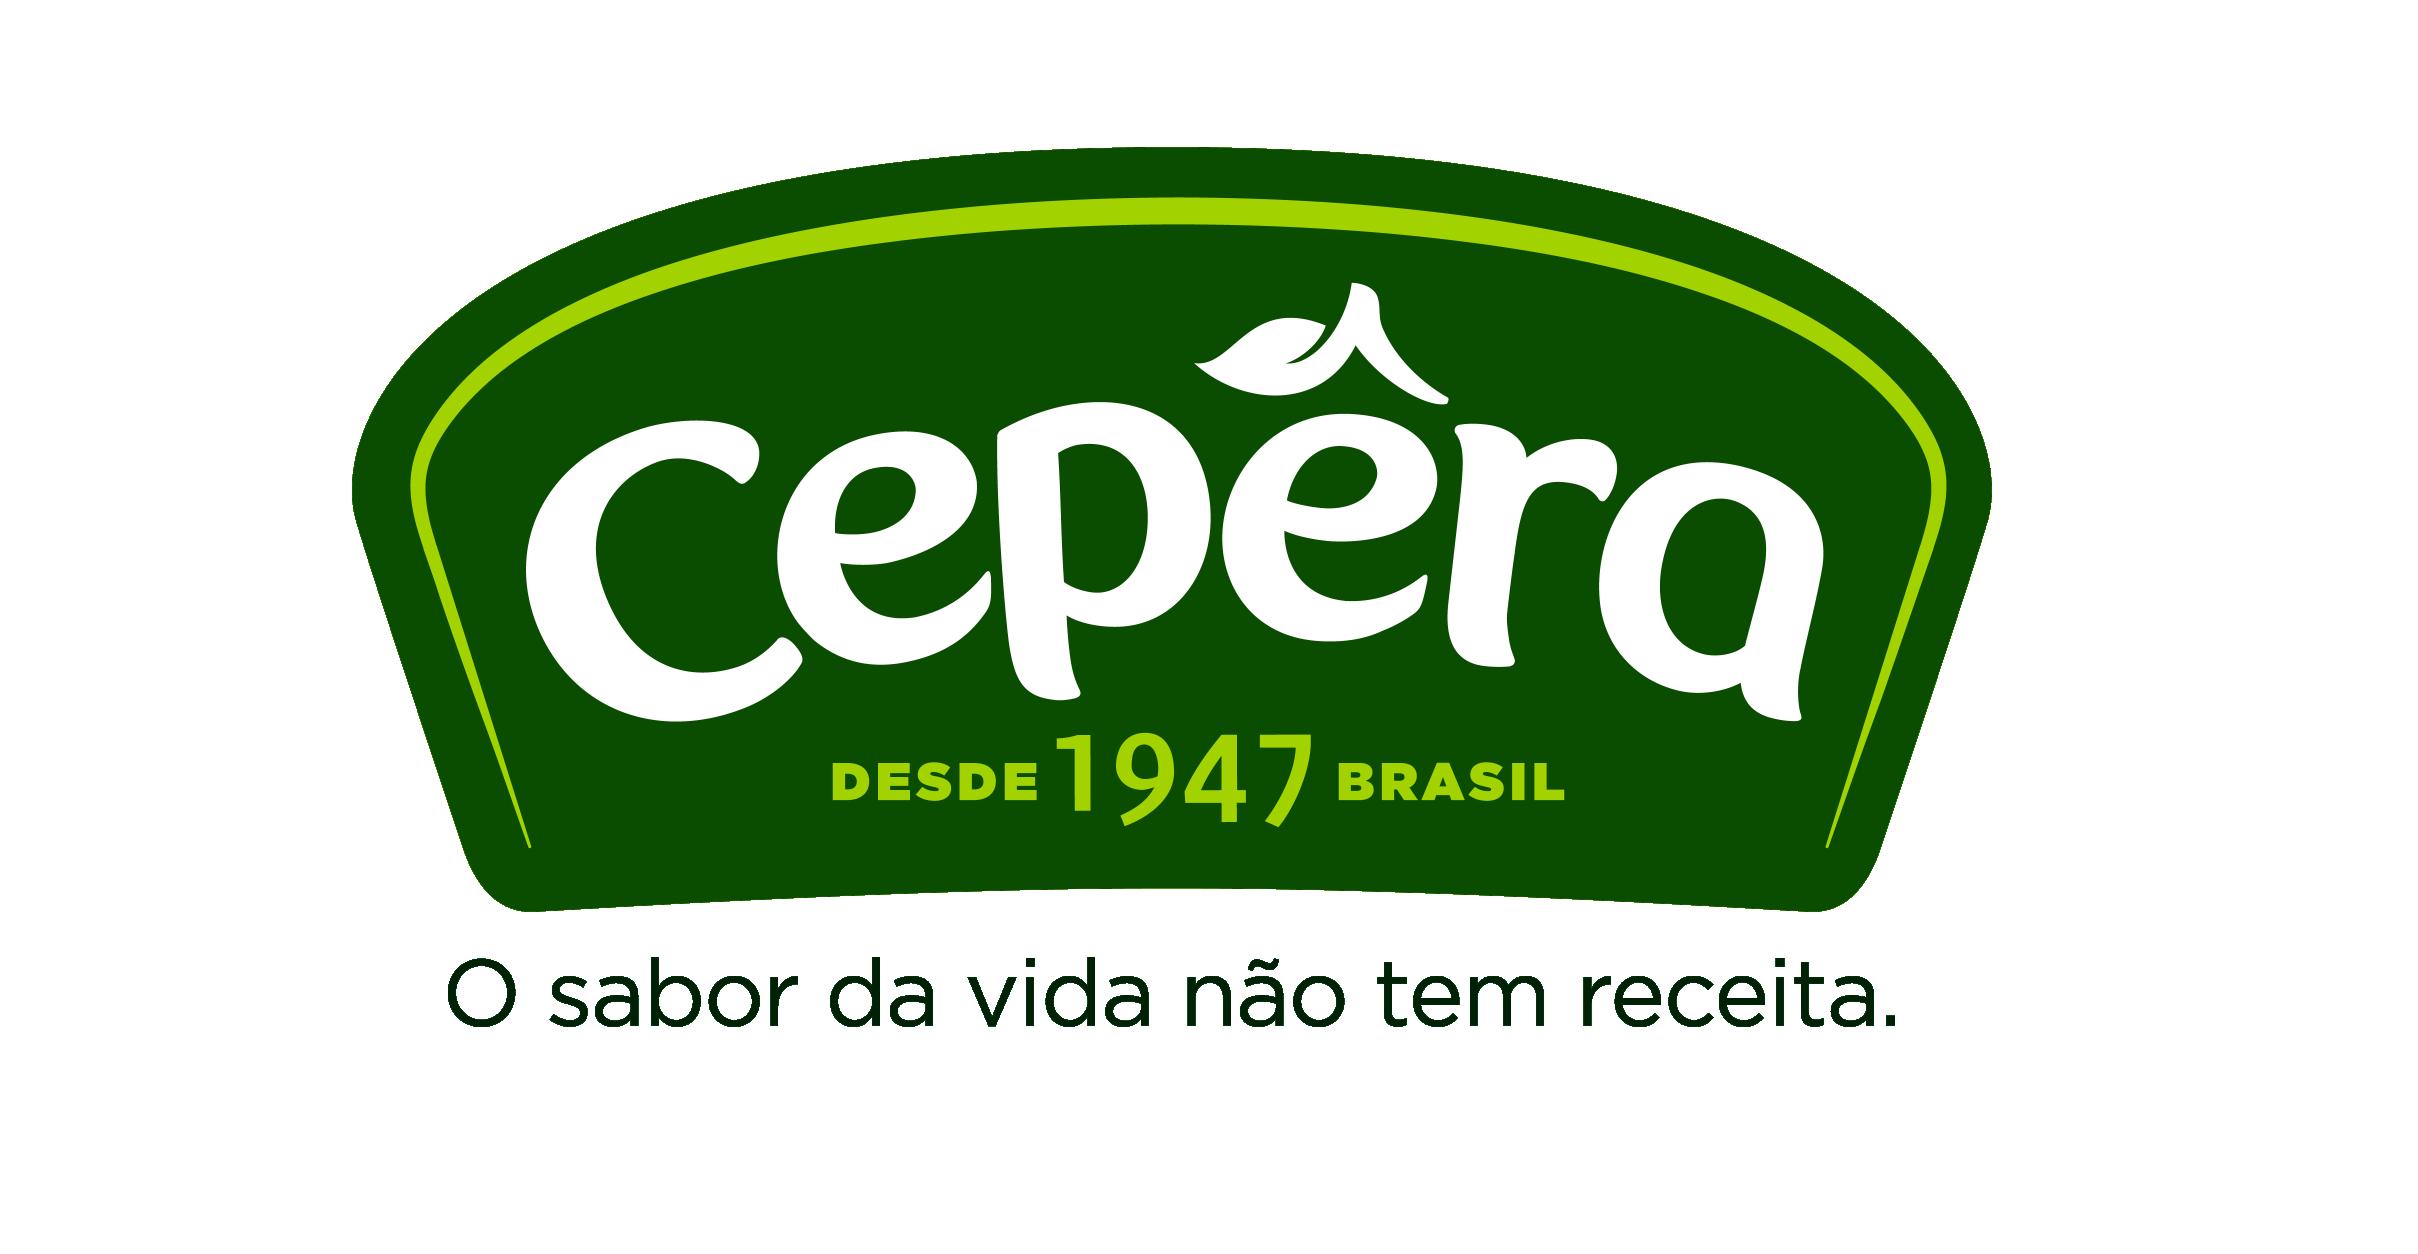 Cepêra